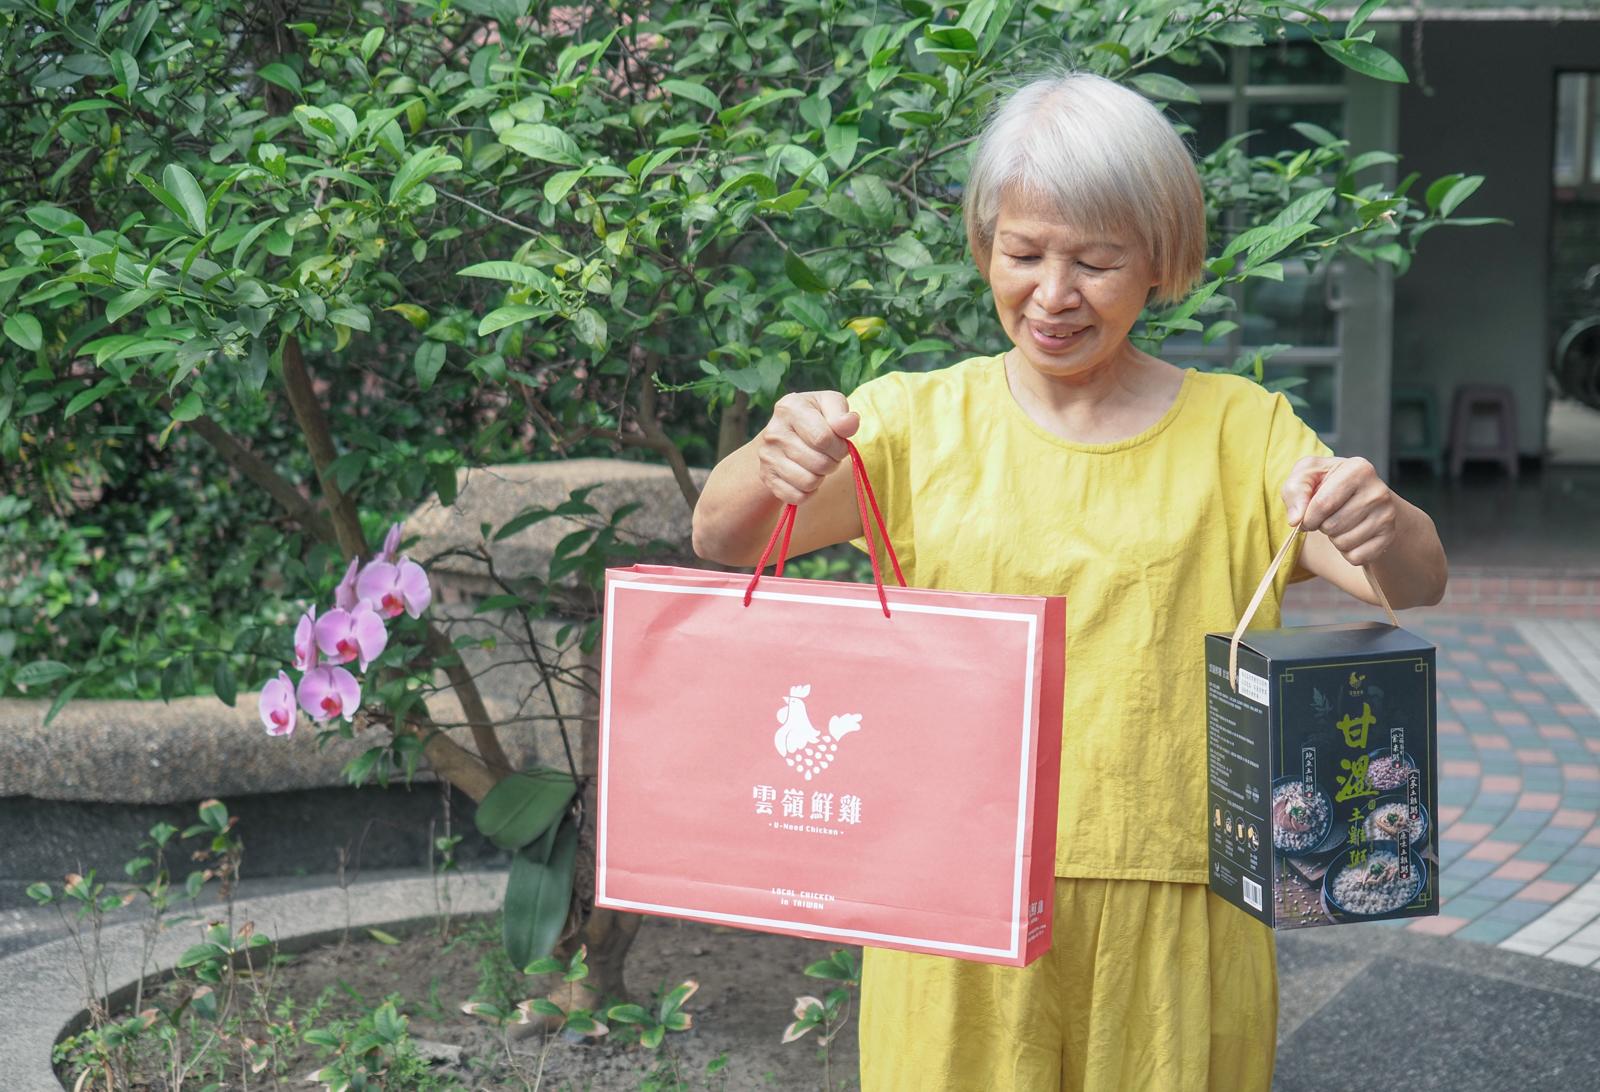 【母親節禮盒】雲嶺鮮雞 赤羽滴雞精 甘溫土雞粥送禮自用兩相宜 美味沒話說!